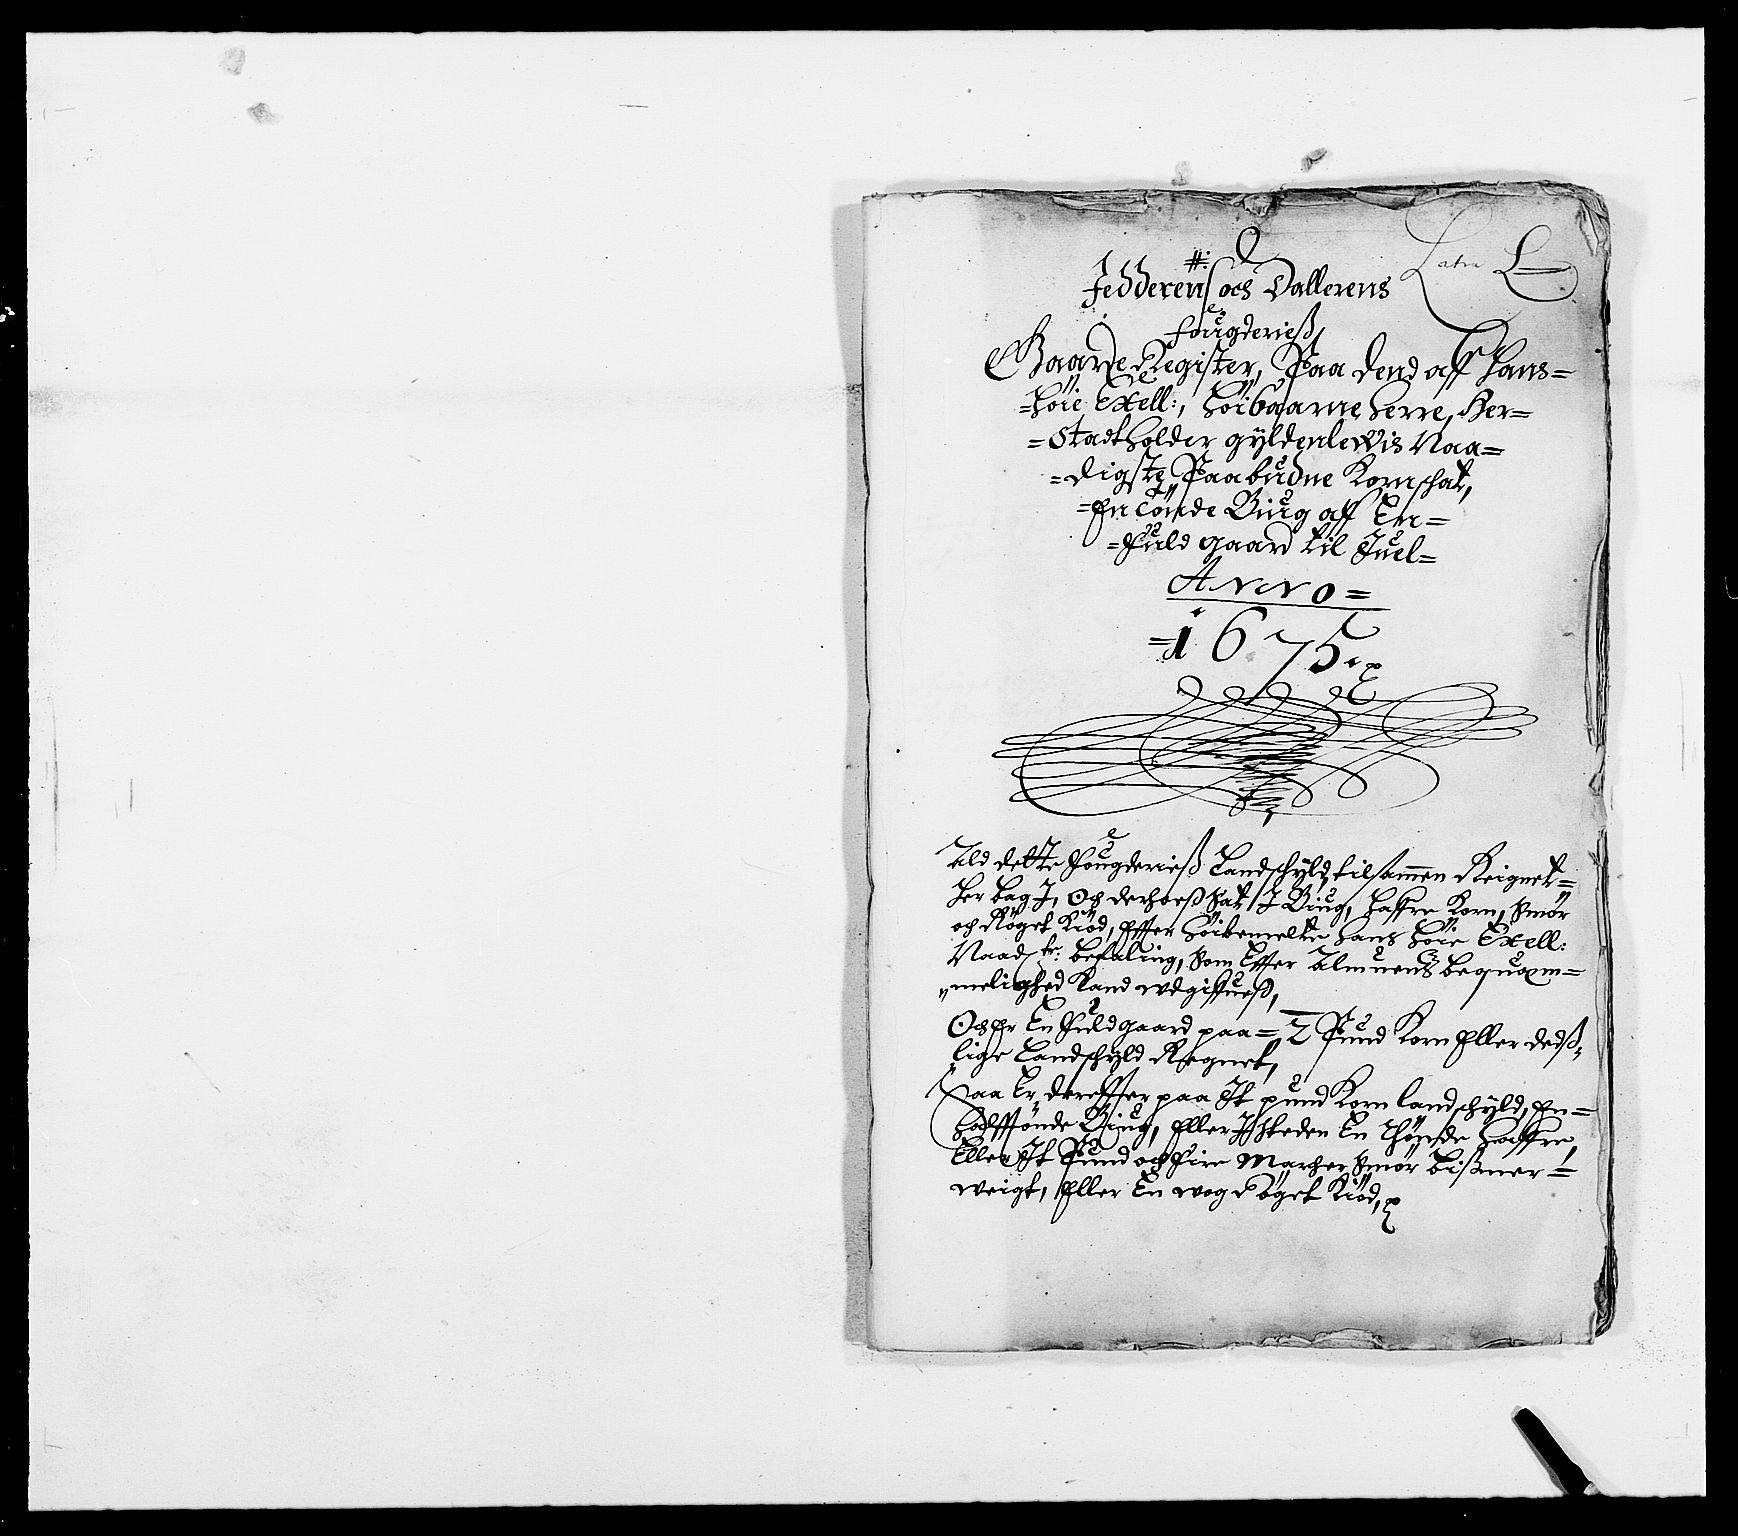 RA, Rentekammeret inntil 1814, Reviderte regnskaper, Fogderegnskap, R46/L2715: Fogderegnskap Jæren og Dalane, 1675, s. 298